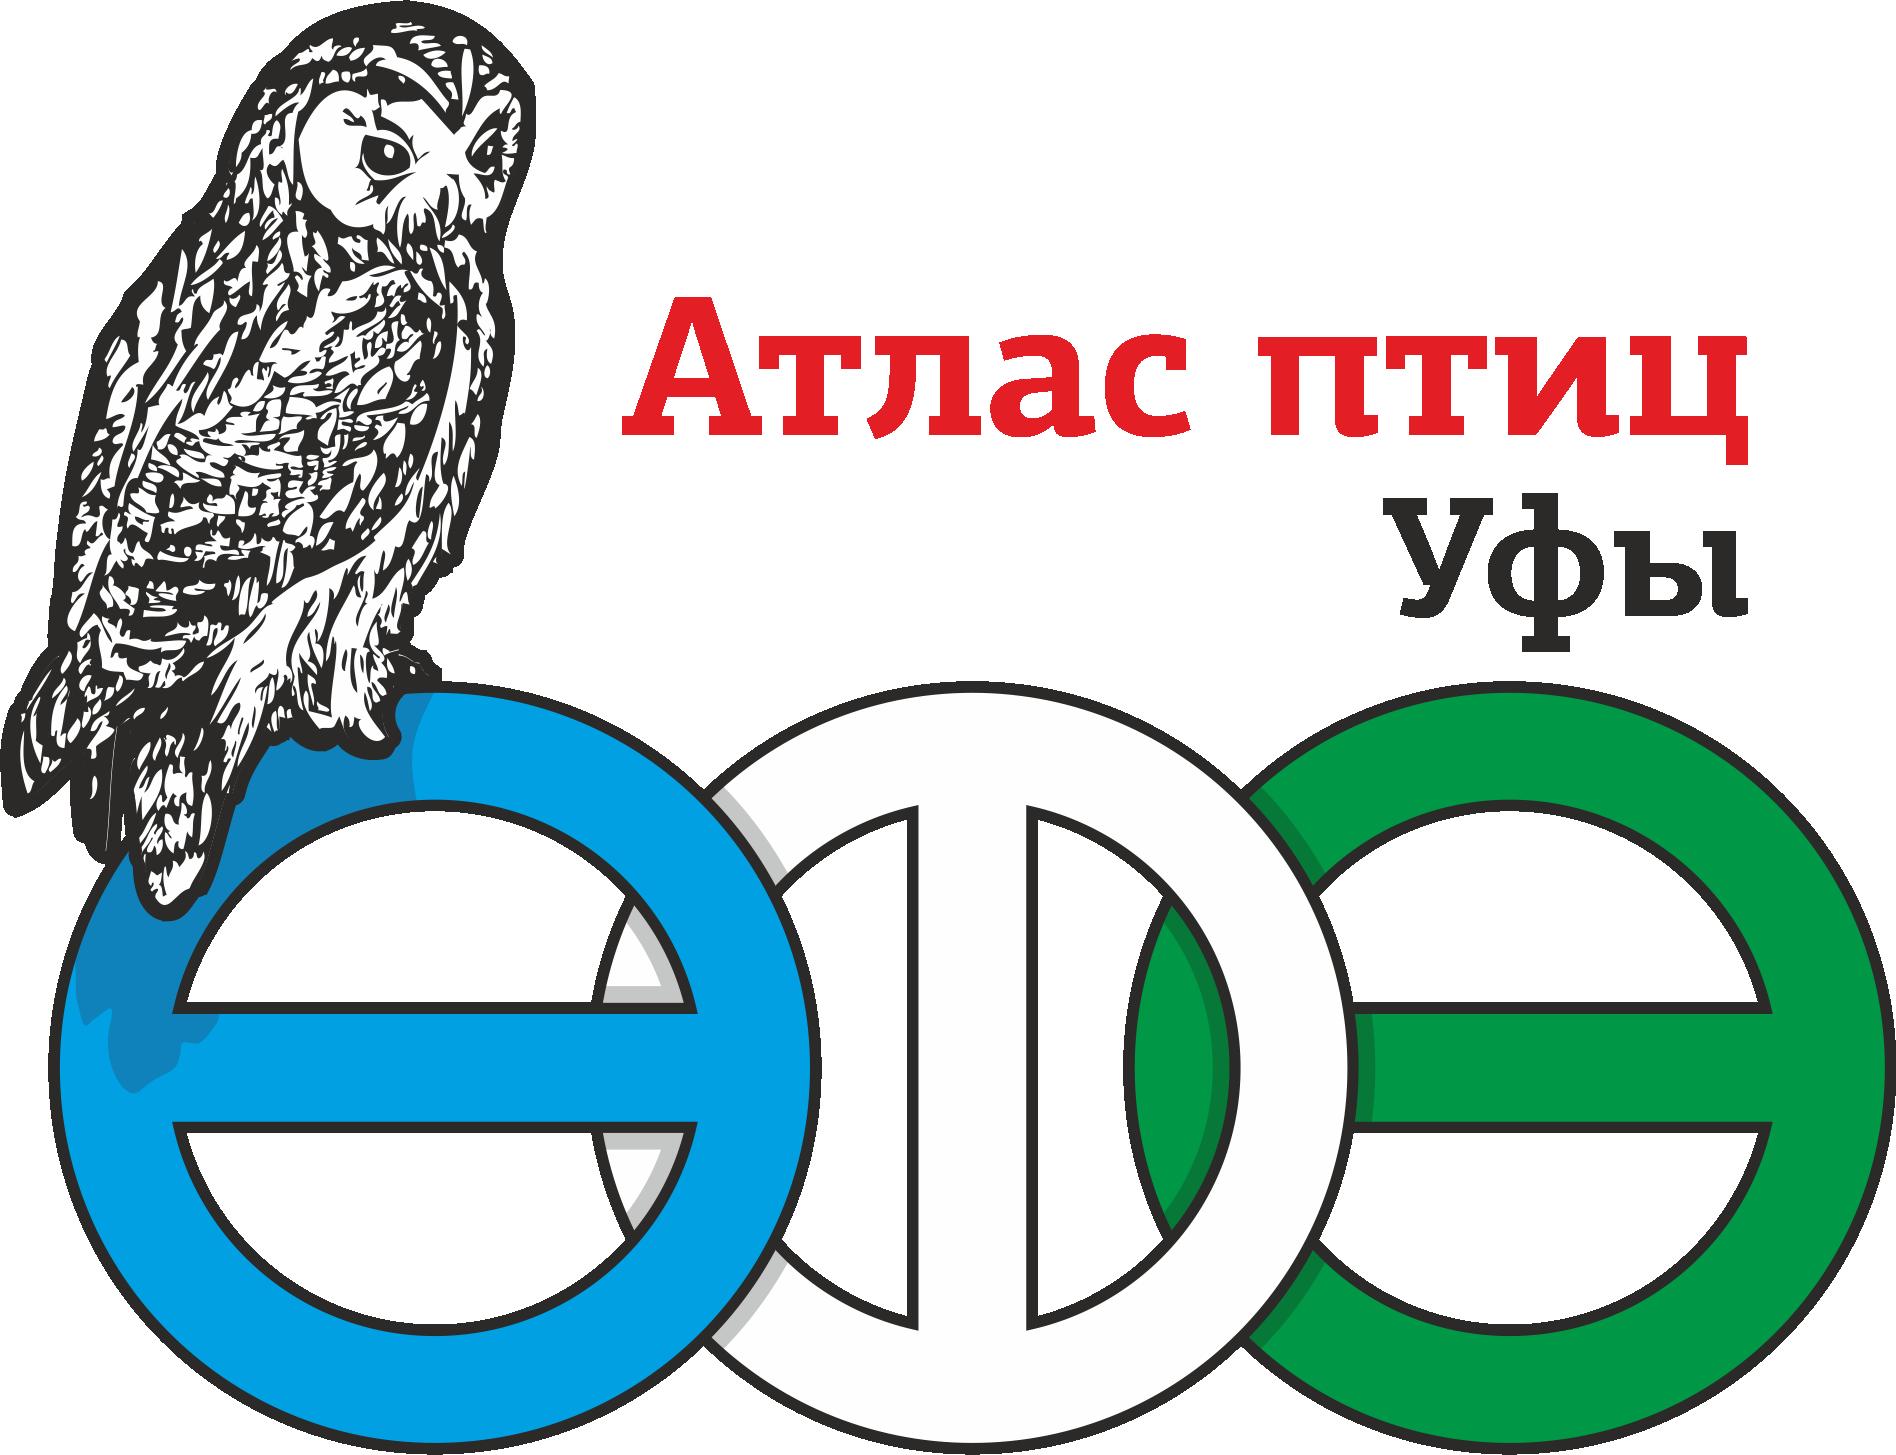 Nablyudateli_bashkirii_logo